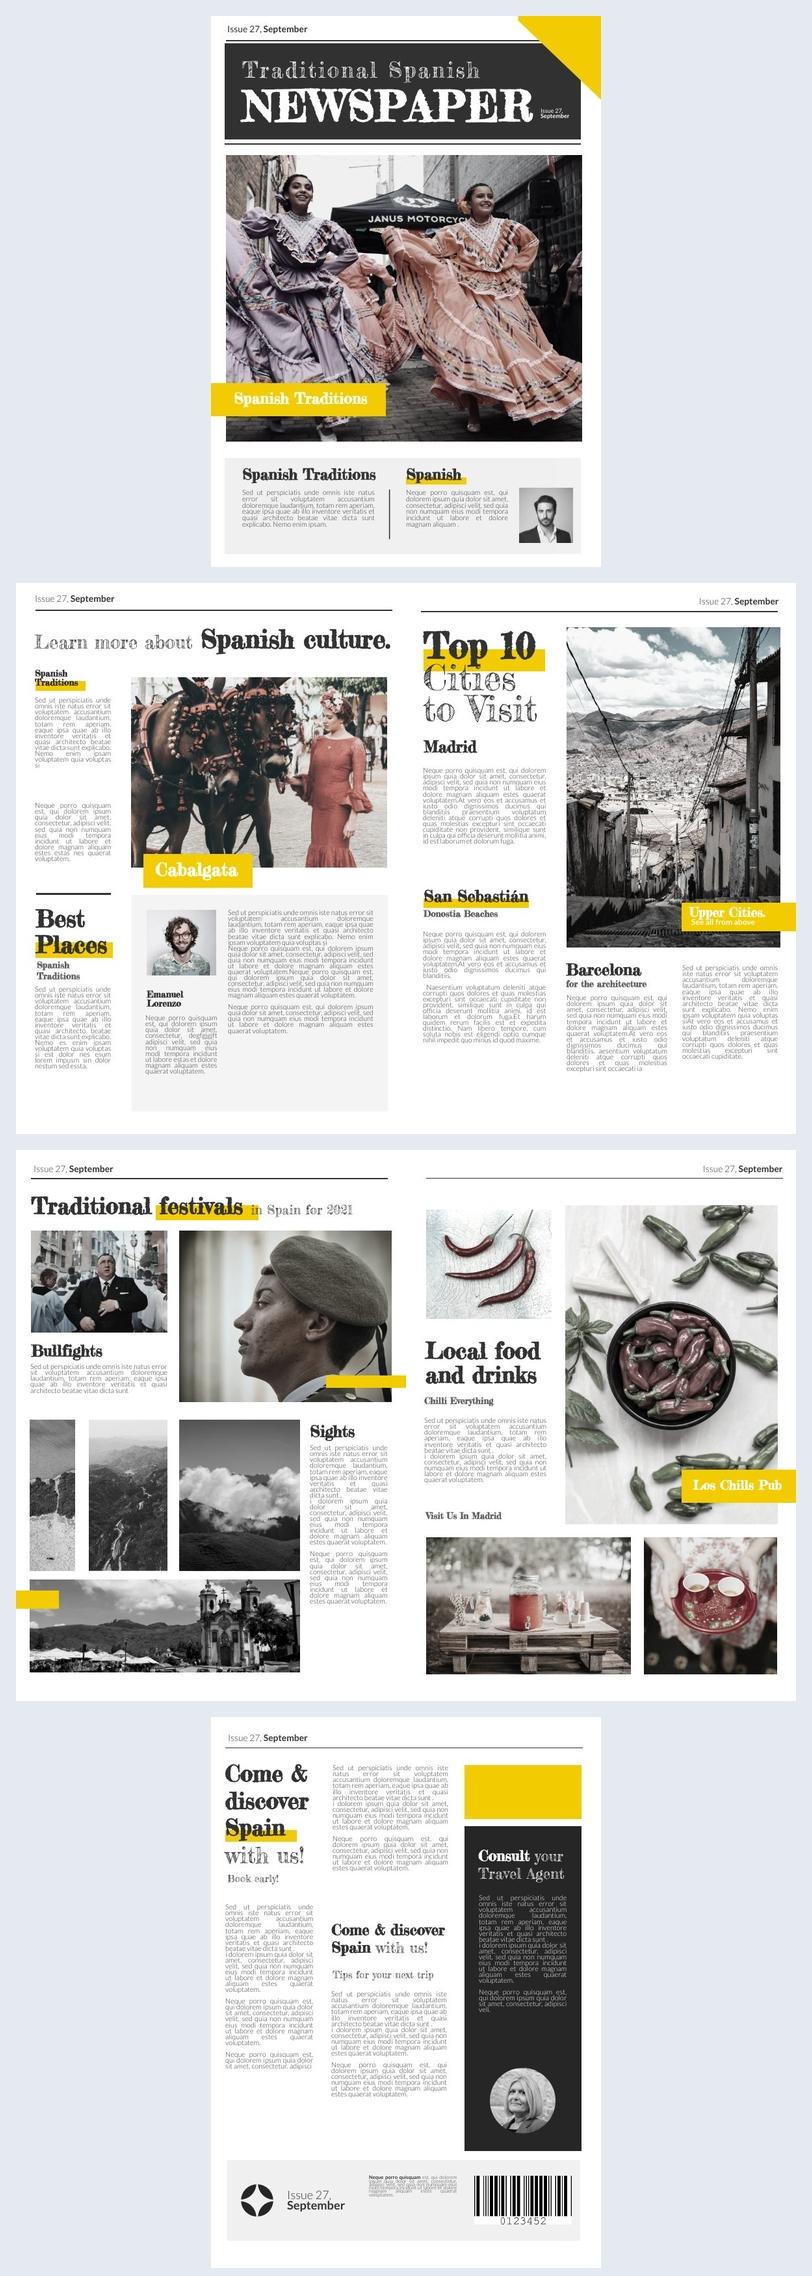 Beispiel-Design für eine traditionelle Zeitung